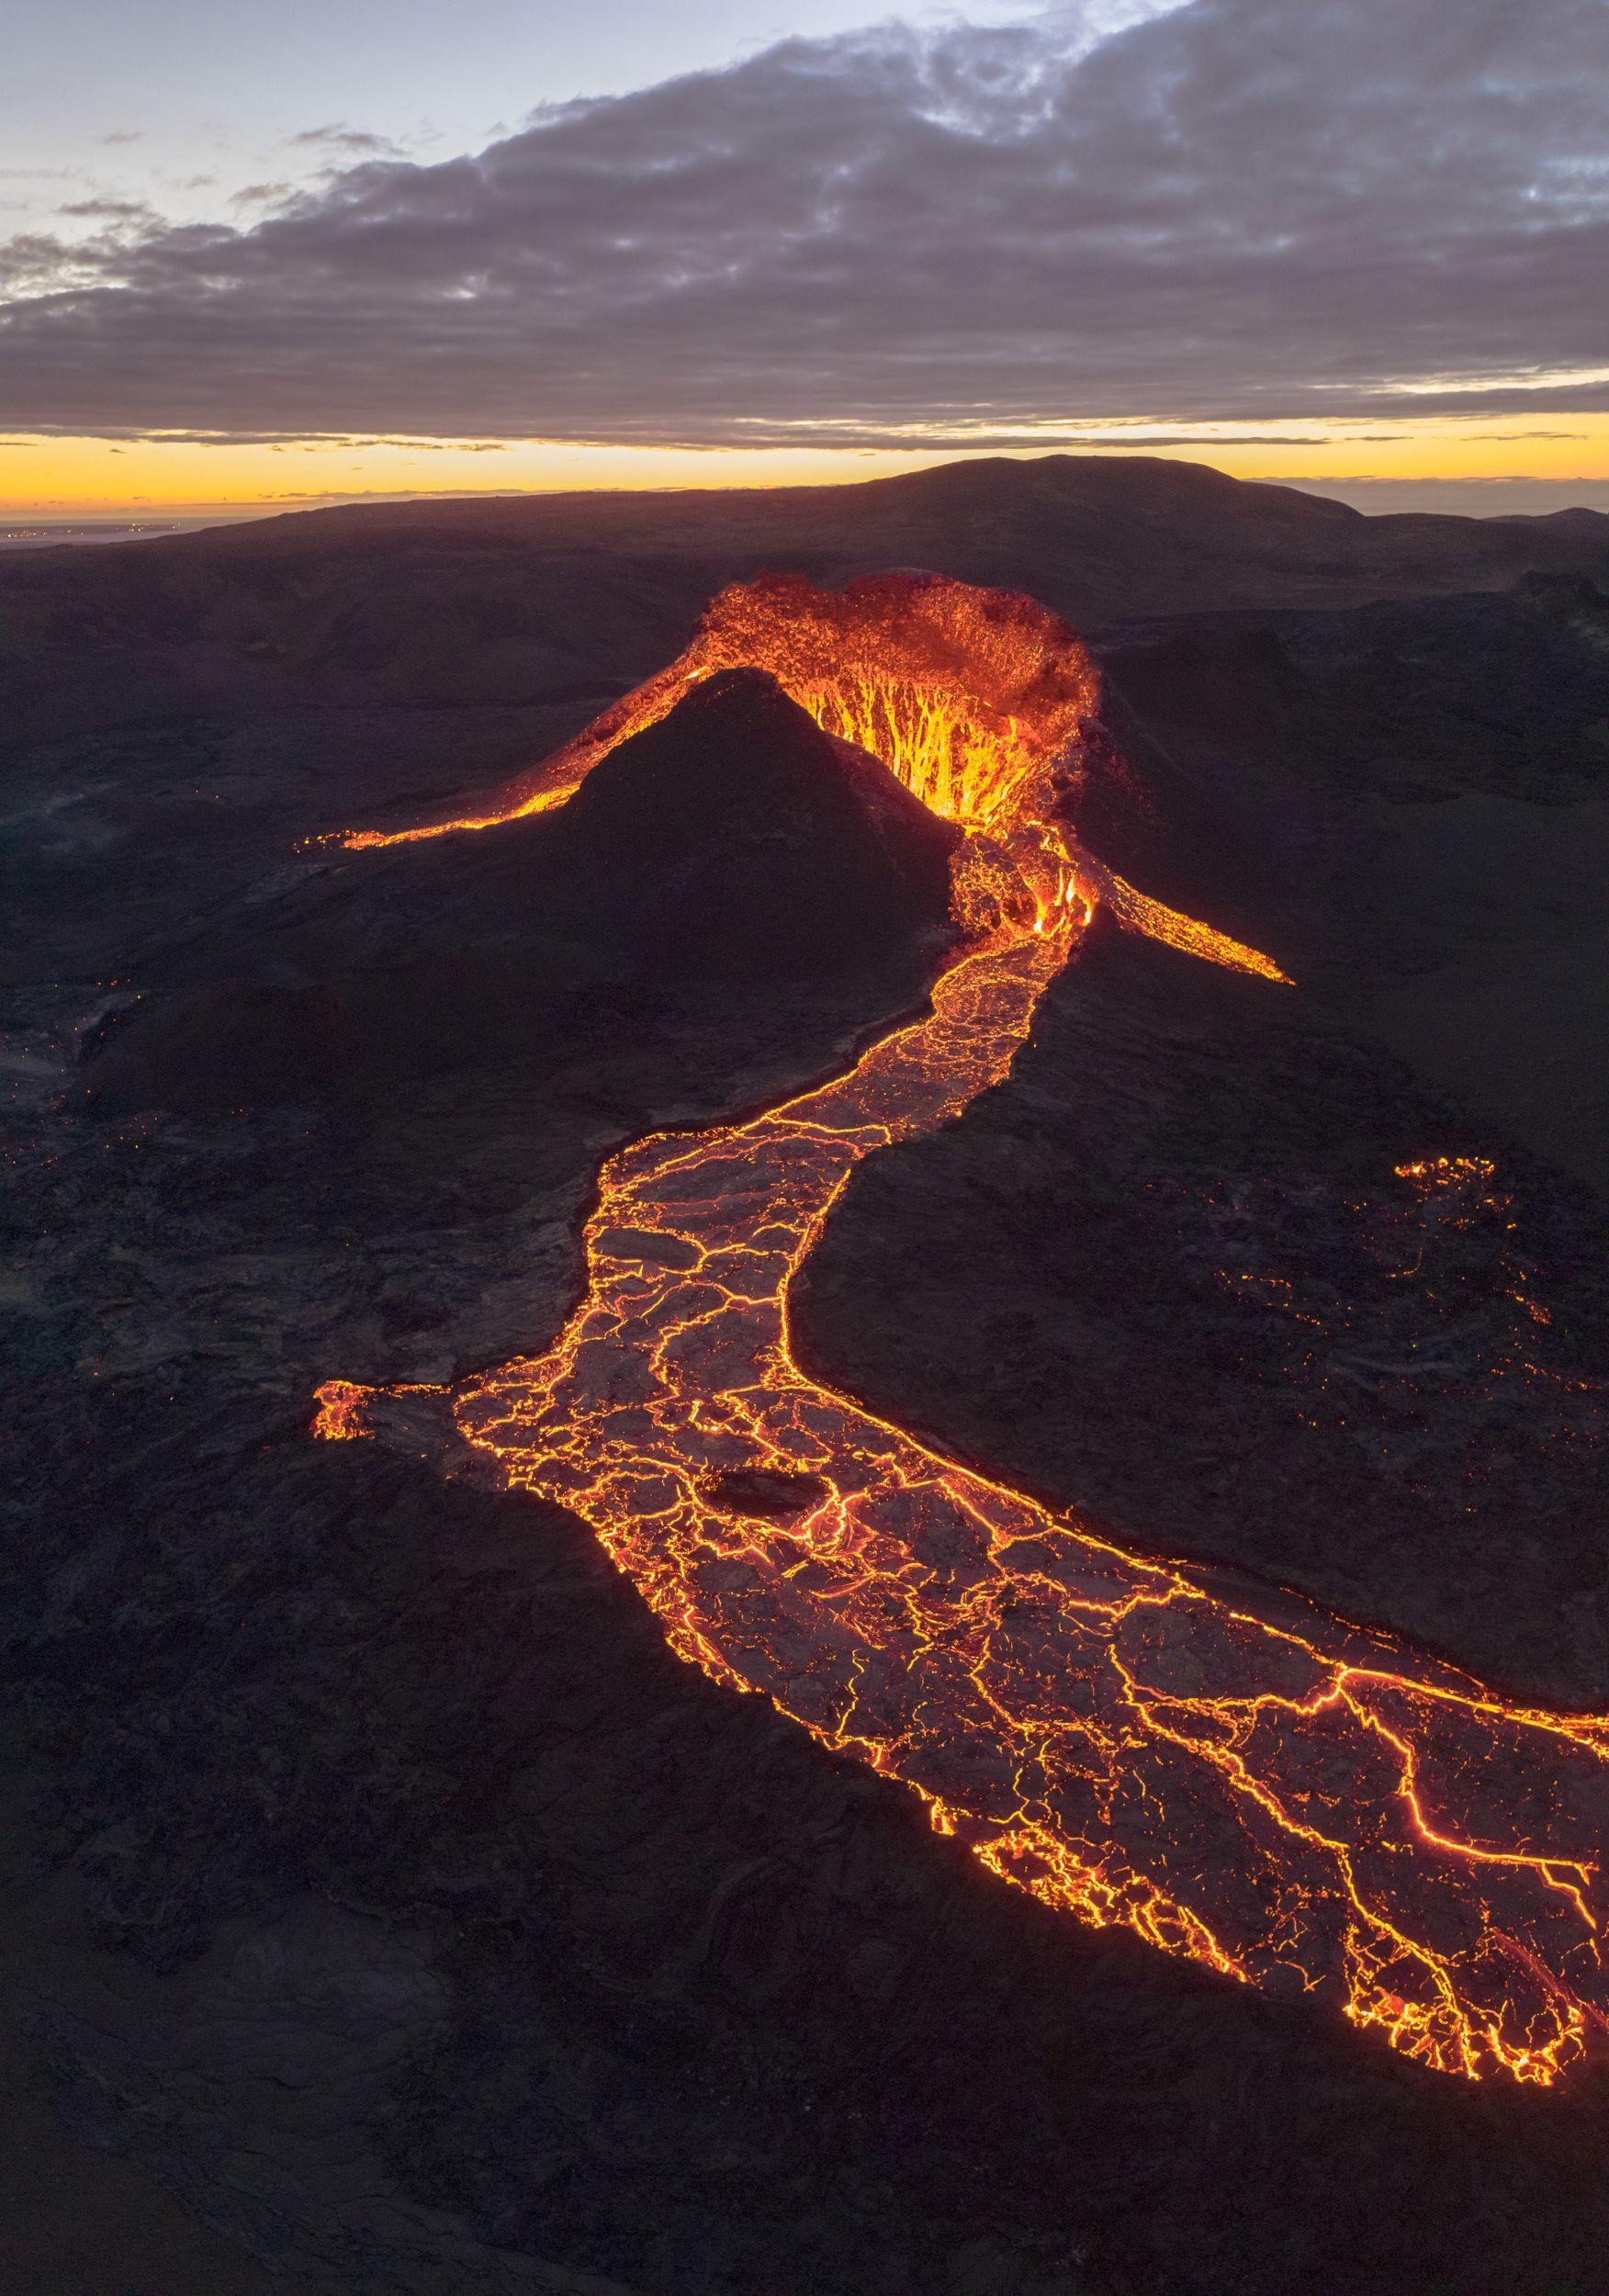 аэрофотосъёмка,кратер,извержение,вулкан, Stepanov Ruslan